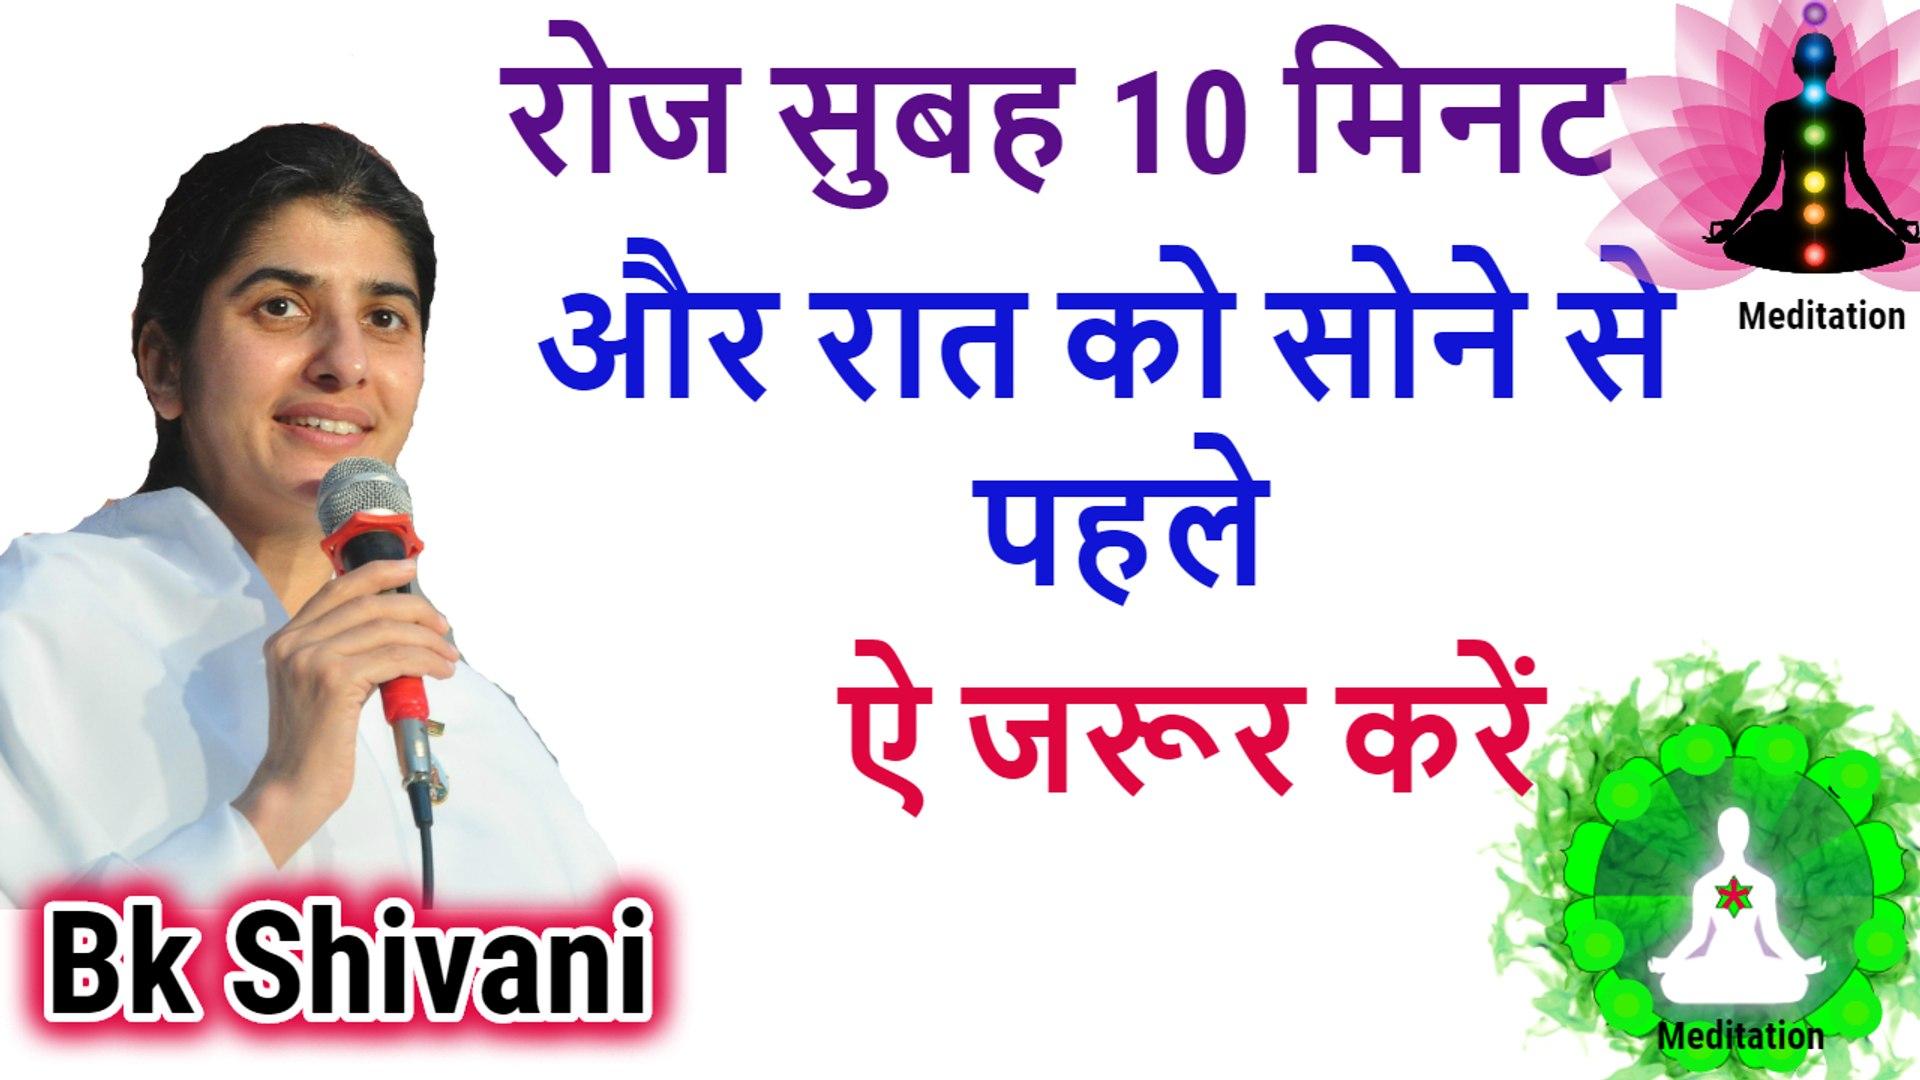 रोज सुबह 10 मिनट, by bk shivani latest speech, bk shivani latest videos  2018, bk shivani Meditation, bk shivani latest videos, sister shivani  speech, sister shivani latest video, brhma kumari shivani